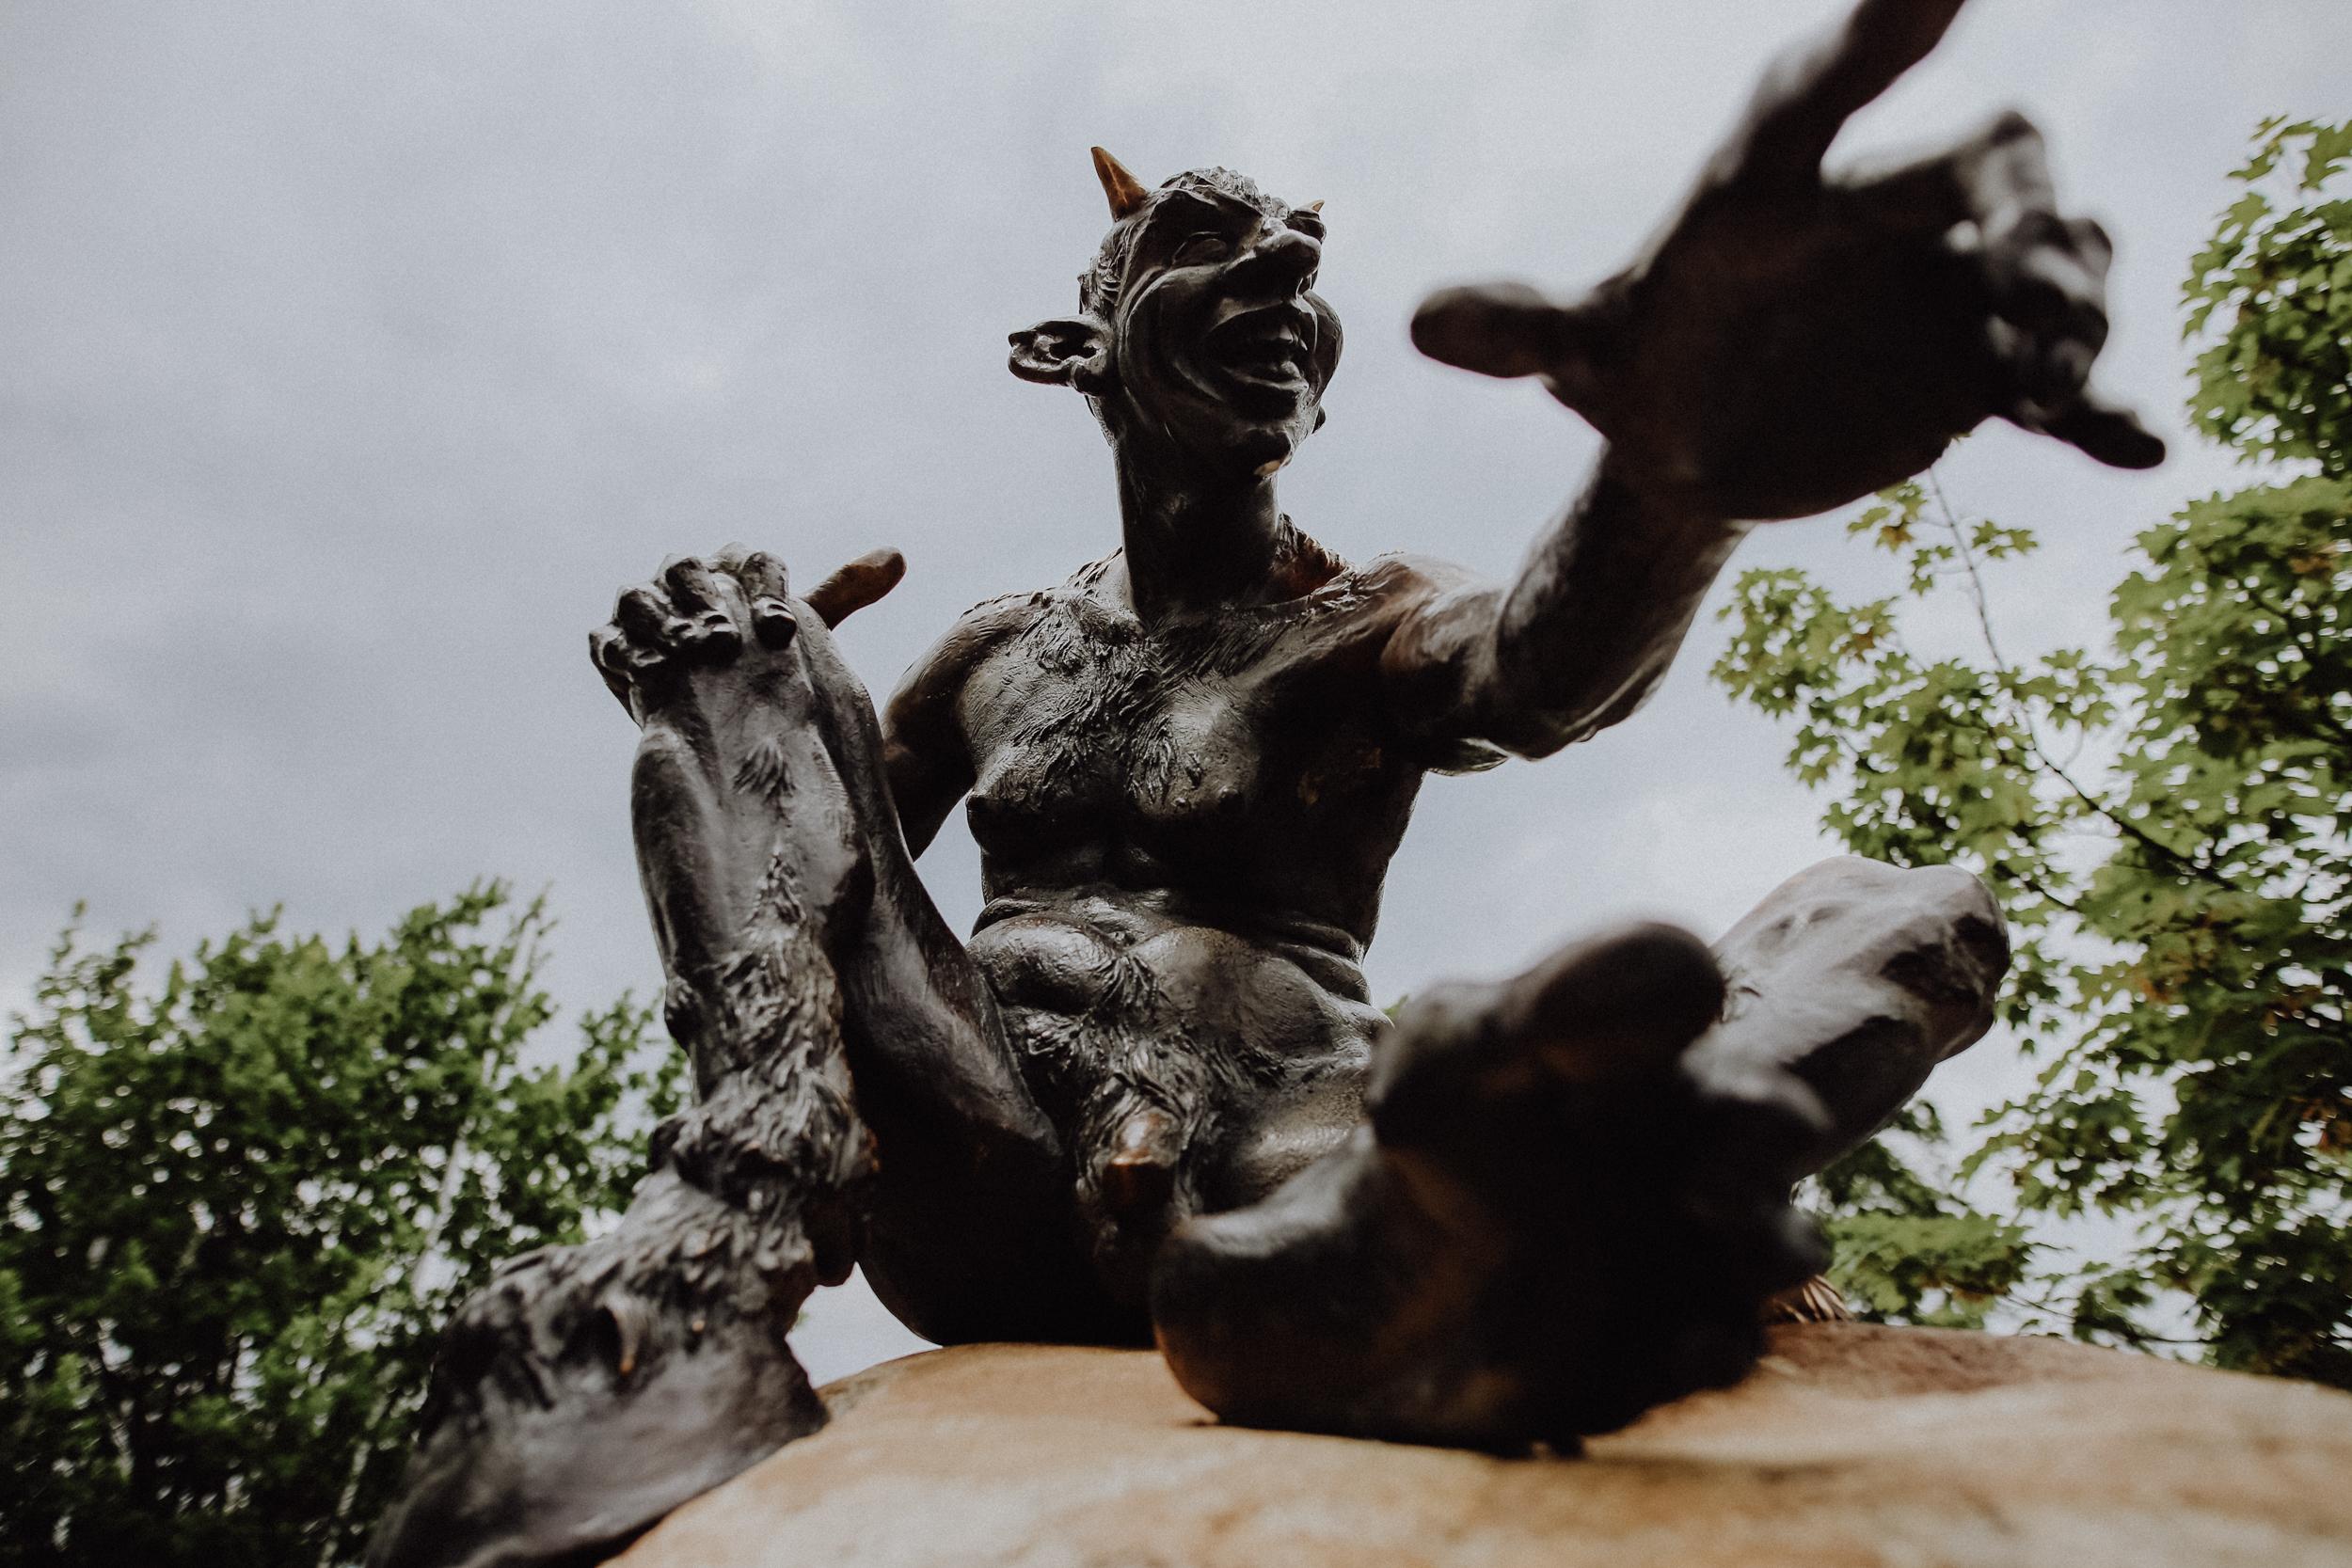 Der Hexentanzplatz Der Hexentanzplatz ist neben dem Brocken einer der sagenumwobensten Orte des Harz und Zentrum des Harzer Hexenkults. Hier trafen sich nach den Sagen früher zur Walpurgisnacht die Hexen, um gespenstige Rituale zu feiern. Noch in derselben Nacht brachen die Hexen gemeinsam zum Brocken auf, um dort um die Hand des Teufels anzuhalten. Natürlich ist diese nur eine von vielen Geschichten, die sich um den Platz ranken. Heute lässt sich der Hexenkult auf dem Hexentanzplatz in vielen touristischen Attraktionen erleben.